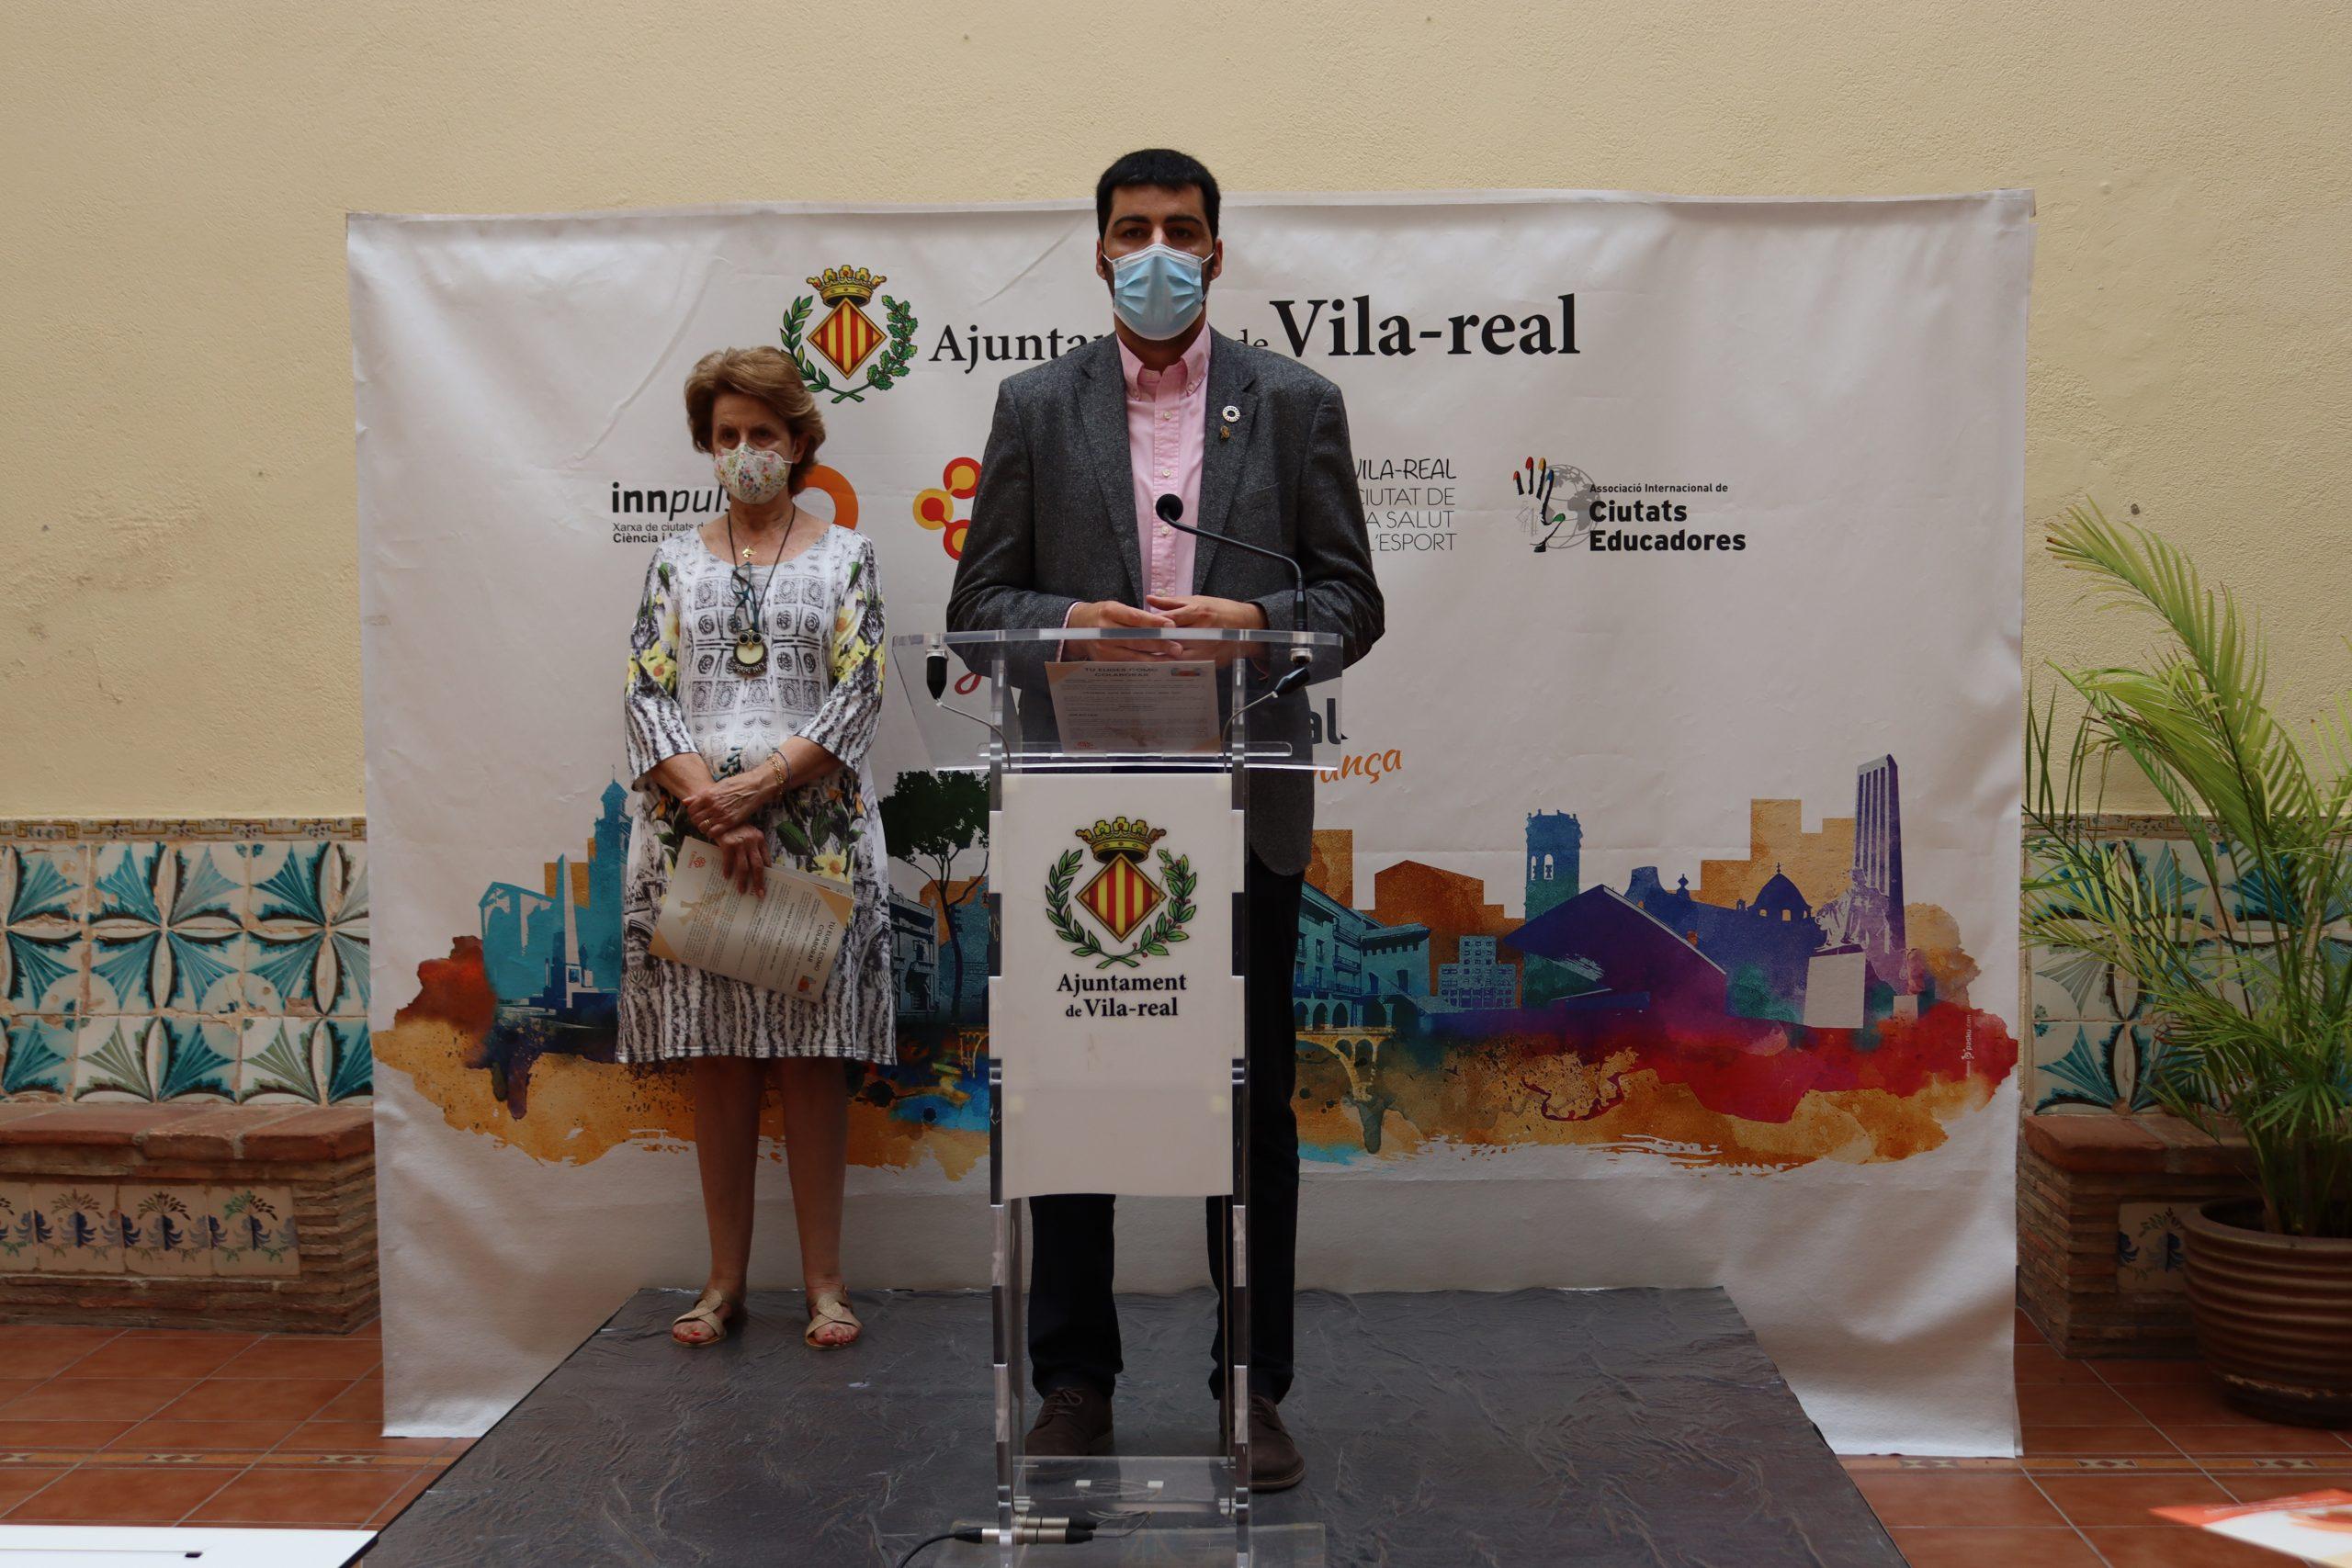 Vila-real refuerza el apoyo a Cáritas con un convenio de 30.000 euros en 2021 que consolida su labor social ante la pandemia